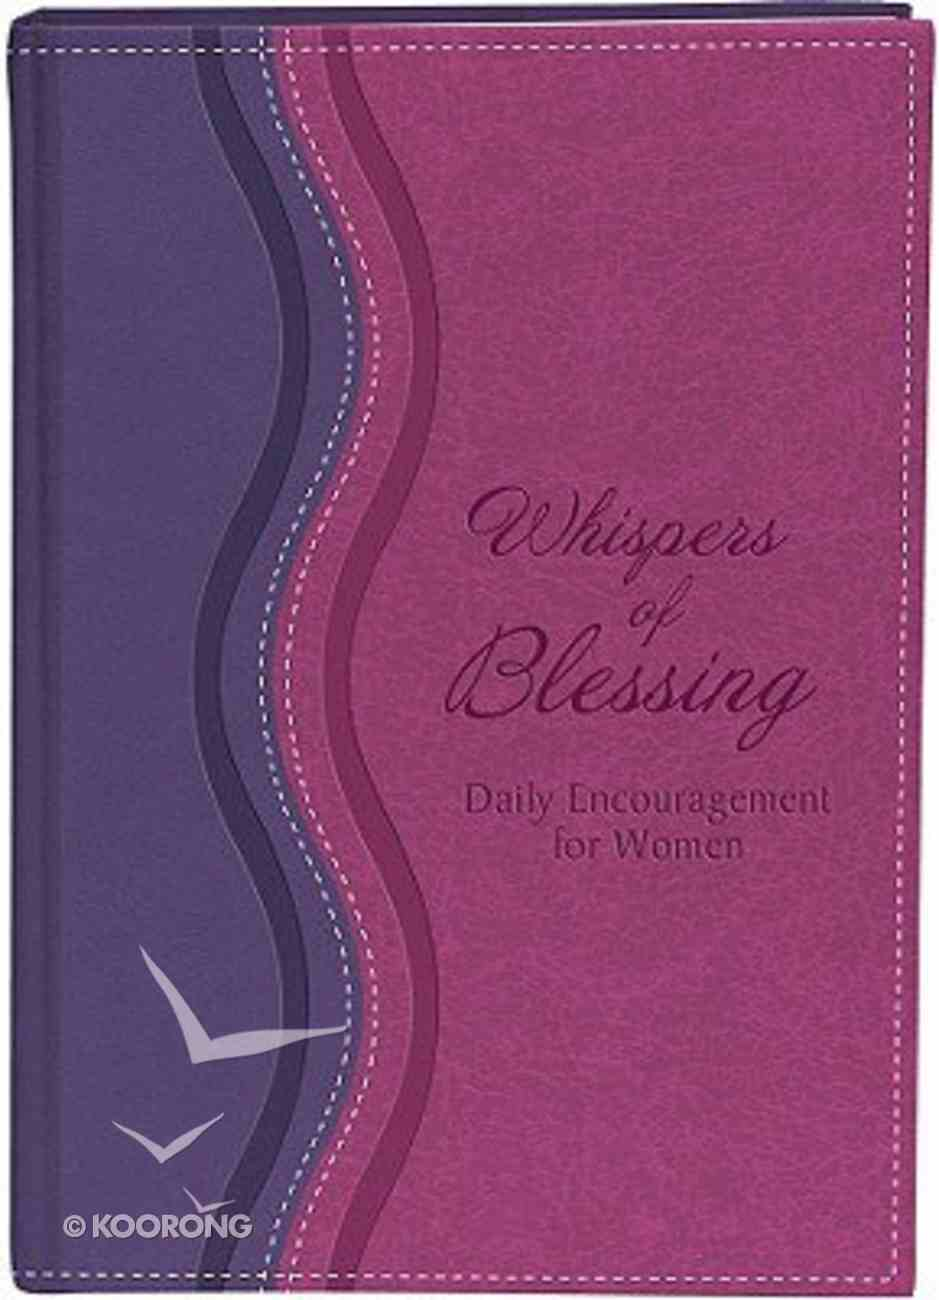 Whispers of Blessing Hardback